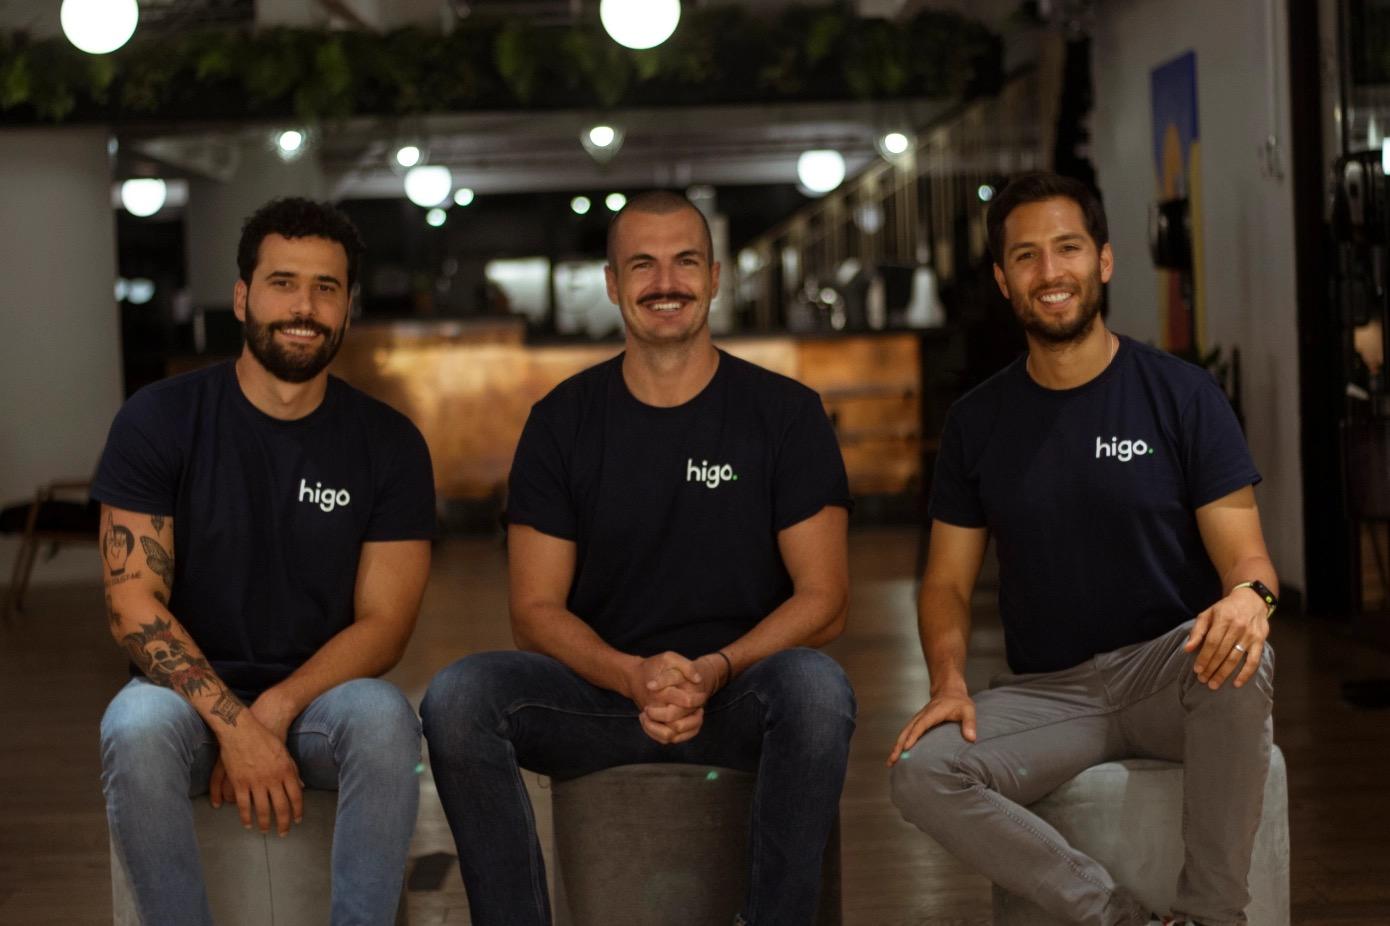 """投资机构Homebrew支持Higo成为拉丁美洲的"""" B2B支付方式"""""""